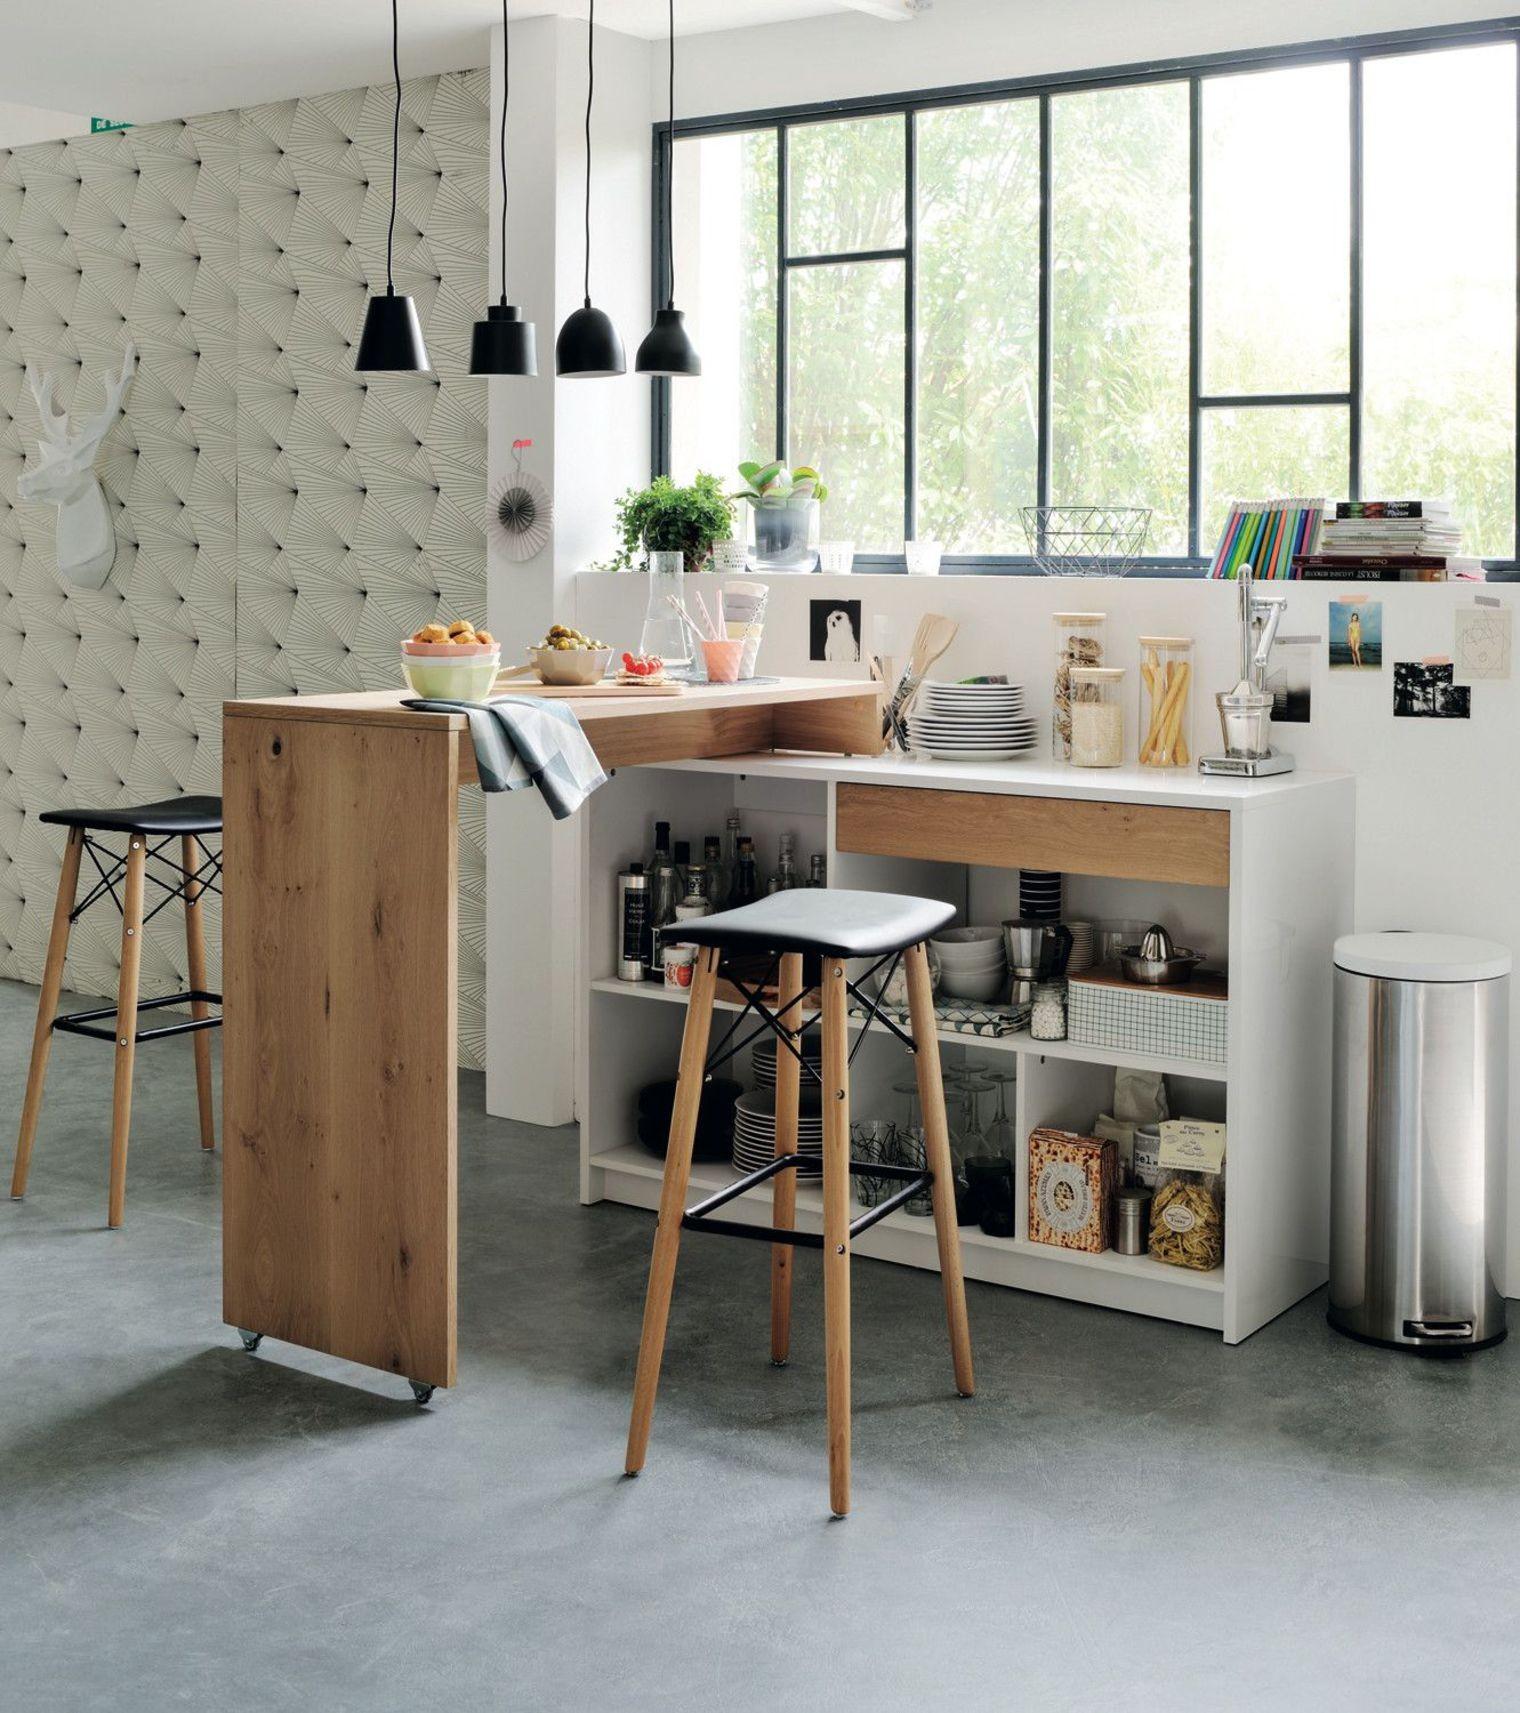 Дизайн кухни с барной стойкой маленькой